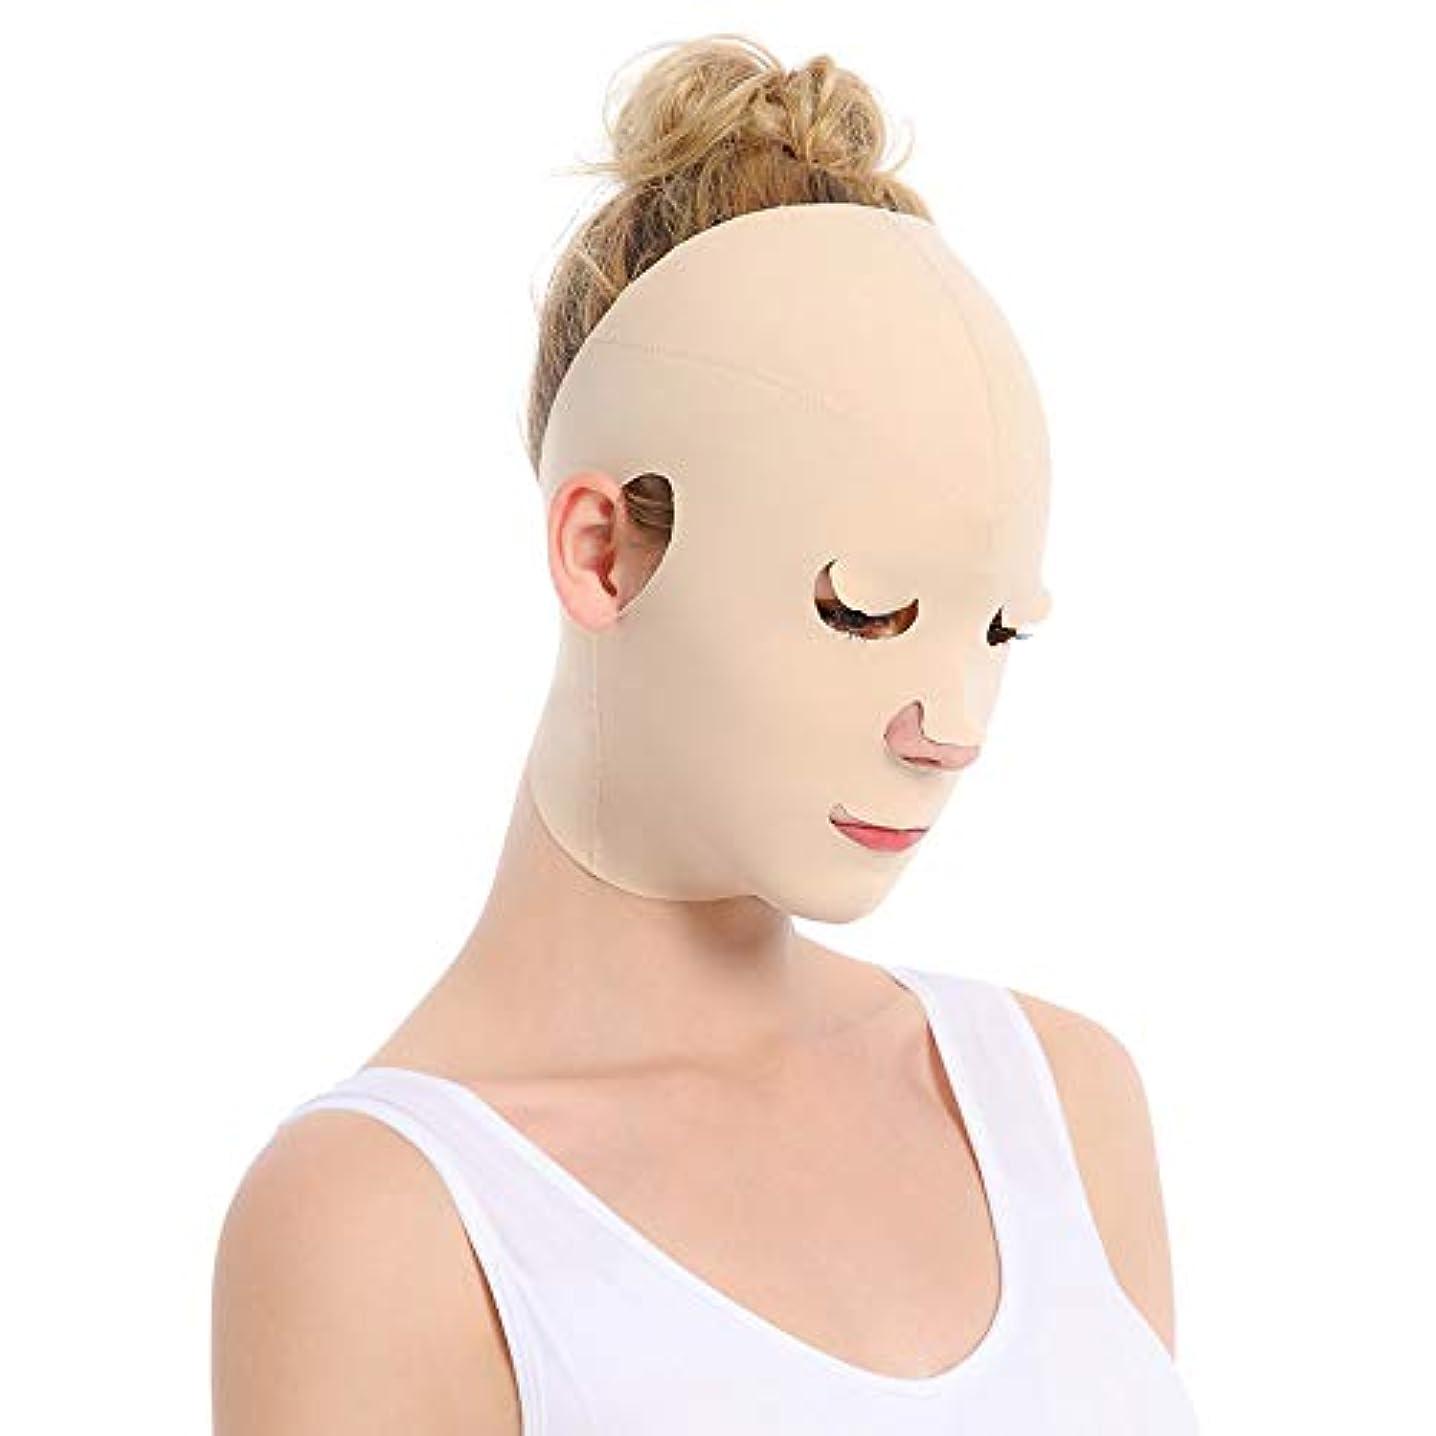 アナウンサー和解する電気陽性小さな顔ツールv顔包帯薄い顔美容マスク怠惰な睡眠マスク男性と女性のV顔包帯整形引き締め顔薄い二重あご